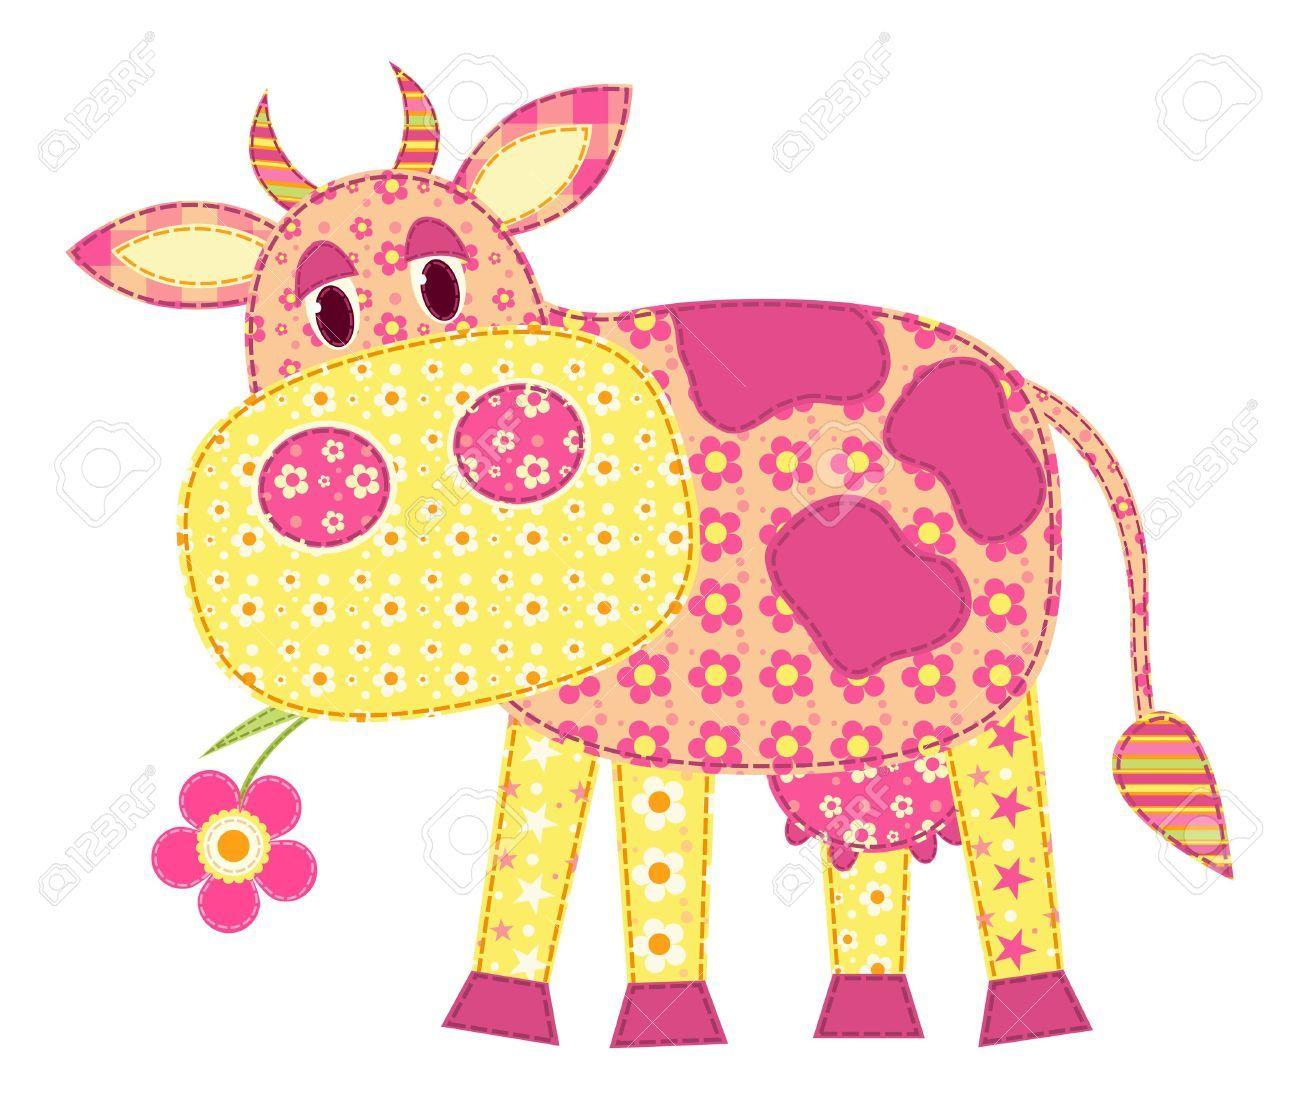 Aplicación de vaca aislado en blanco. Patchwork serie. ilustración.